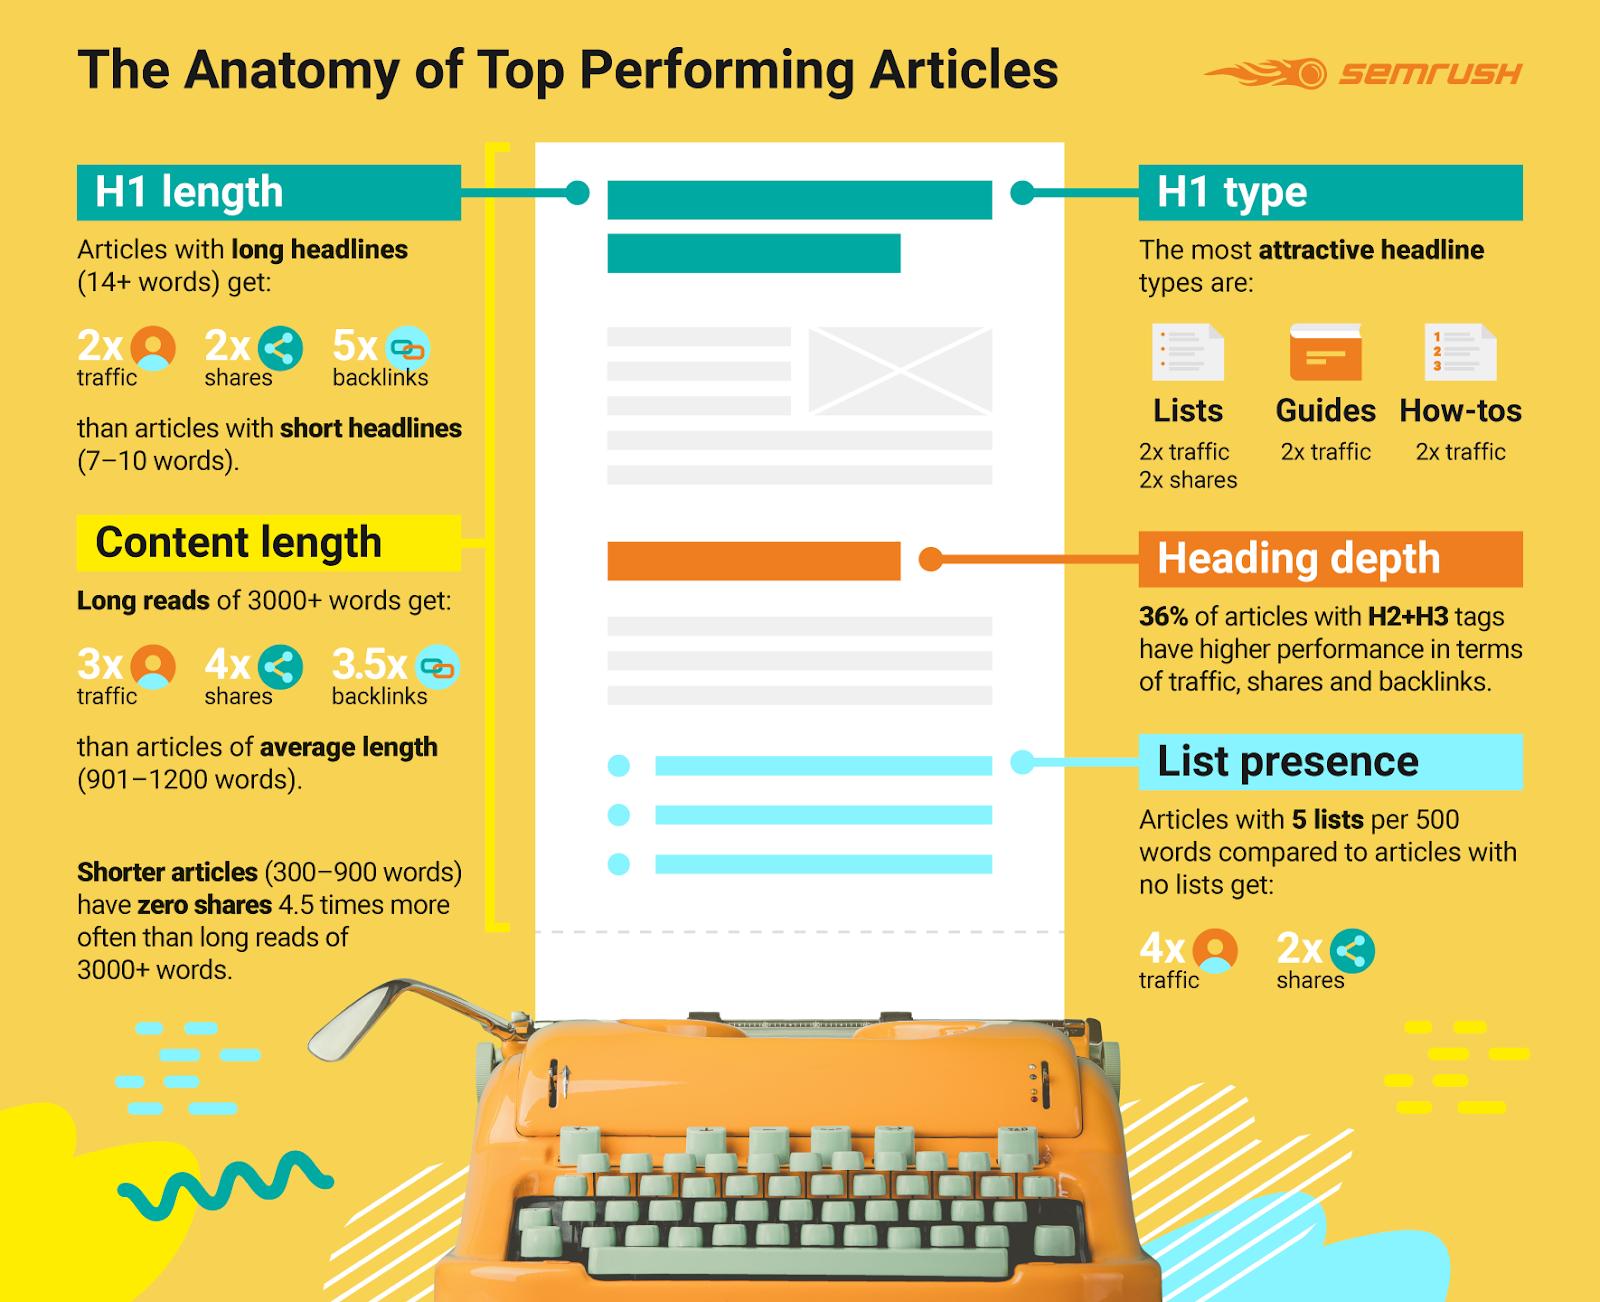 Kết quả chứng minh hiệu suất của các dạng bài viết